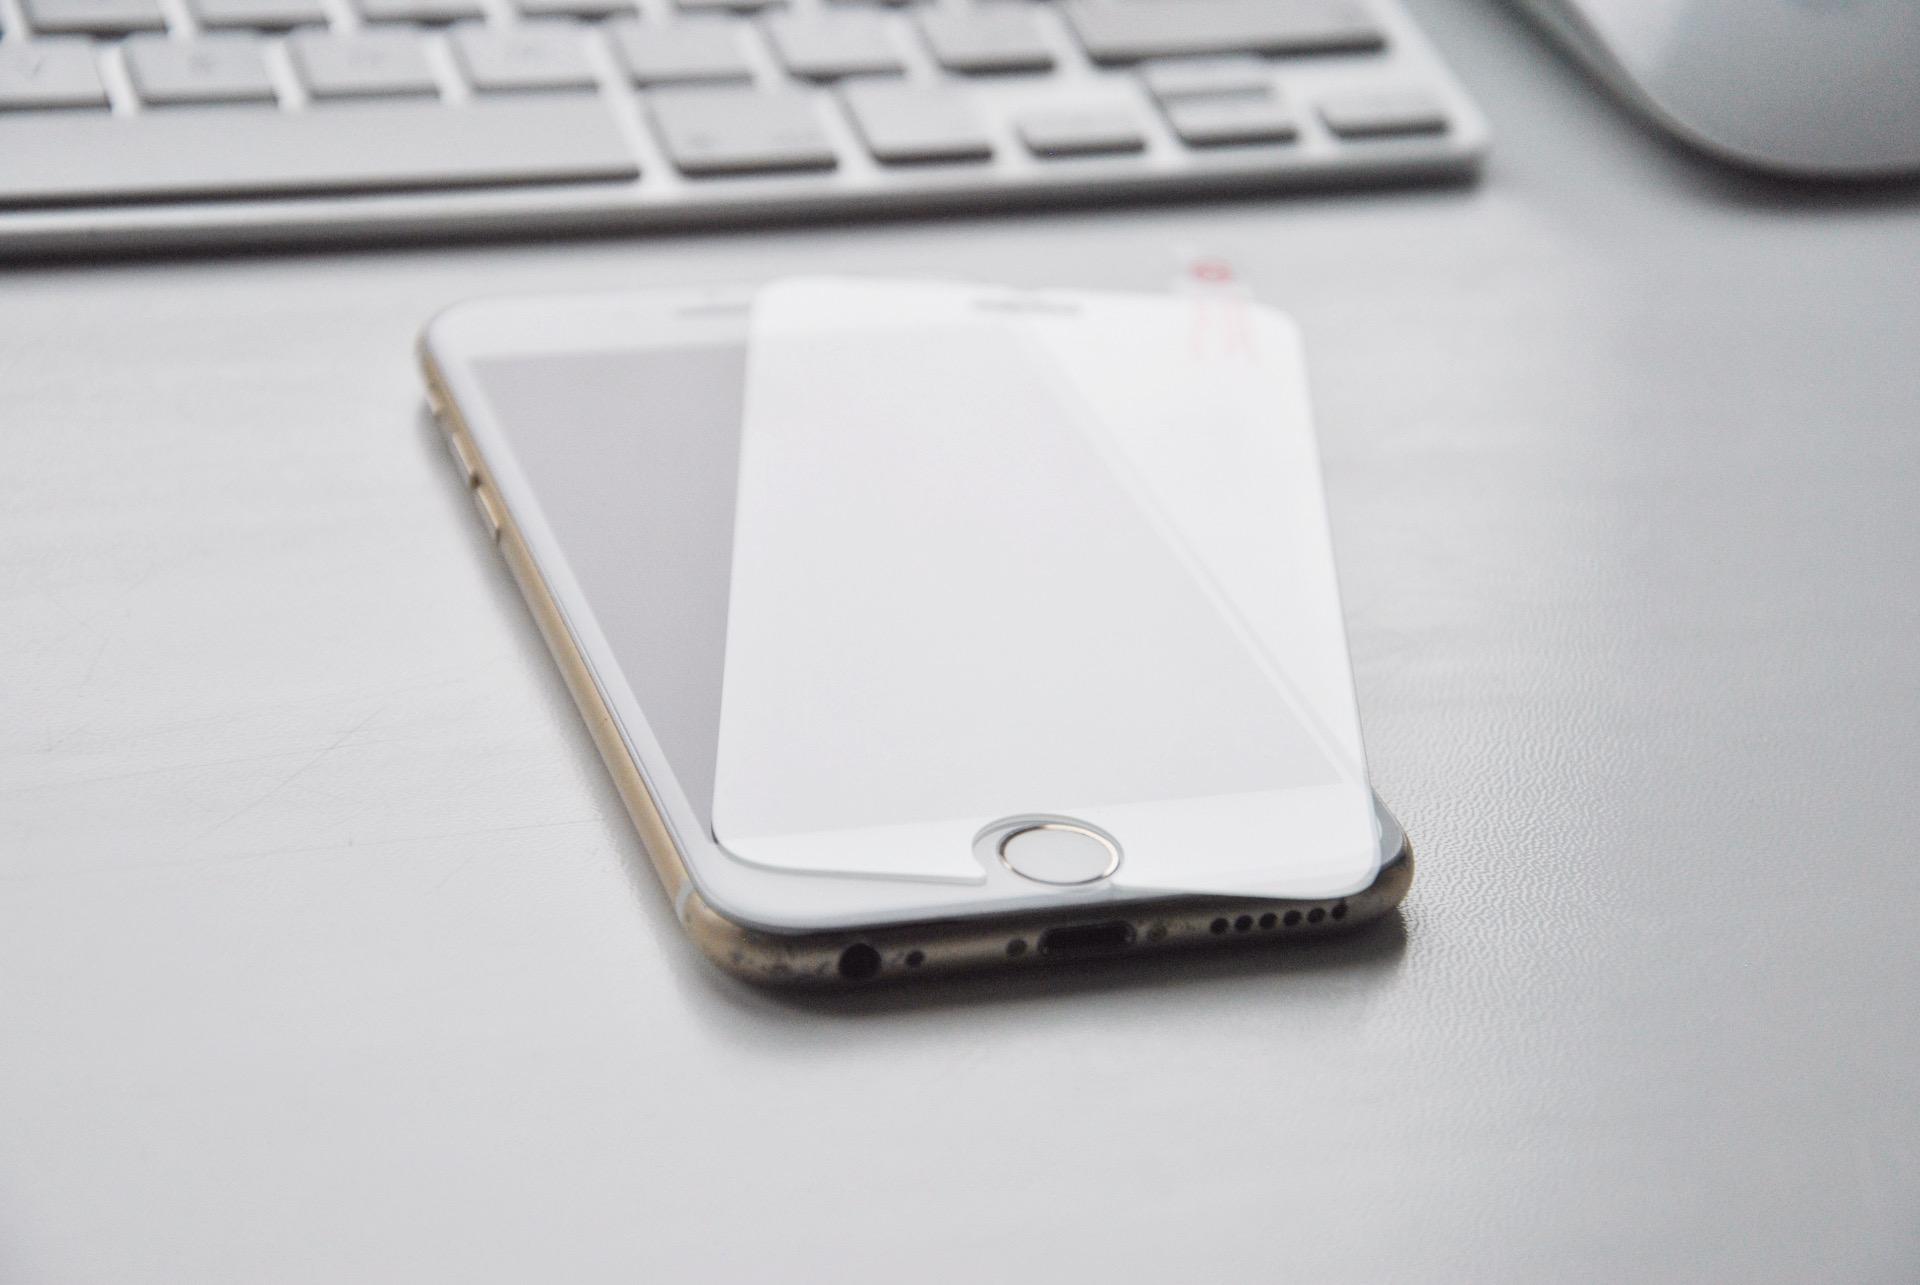 Nejlepší příslušenství pro iPhone v akci se slevovým kódem pro čtenáře Dotekomanie [sponzorovaný článek]